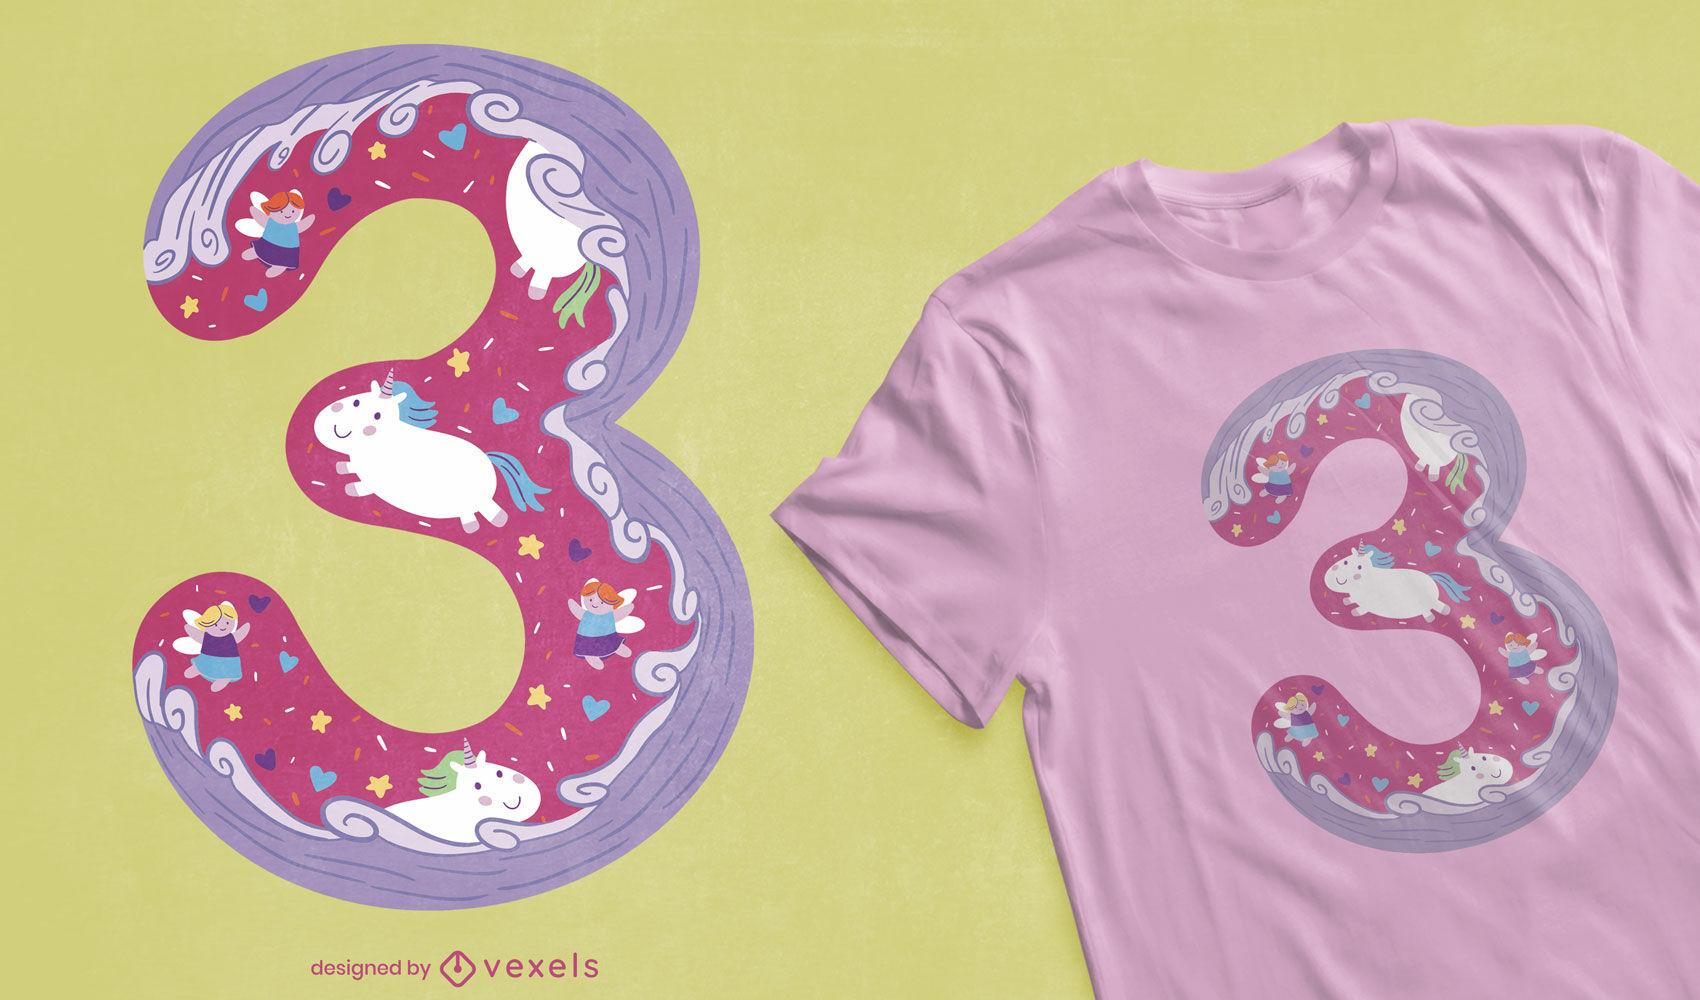 Nummer drei mädchenhaftes T-Shirt-Design